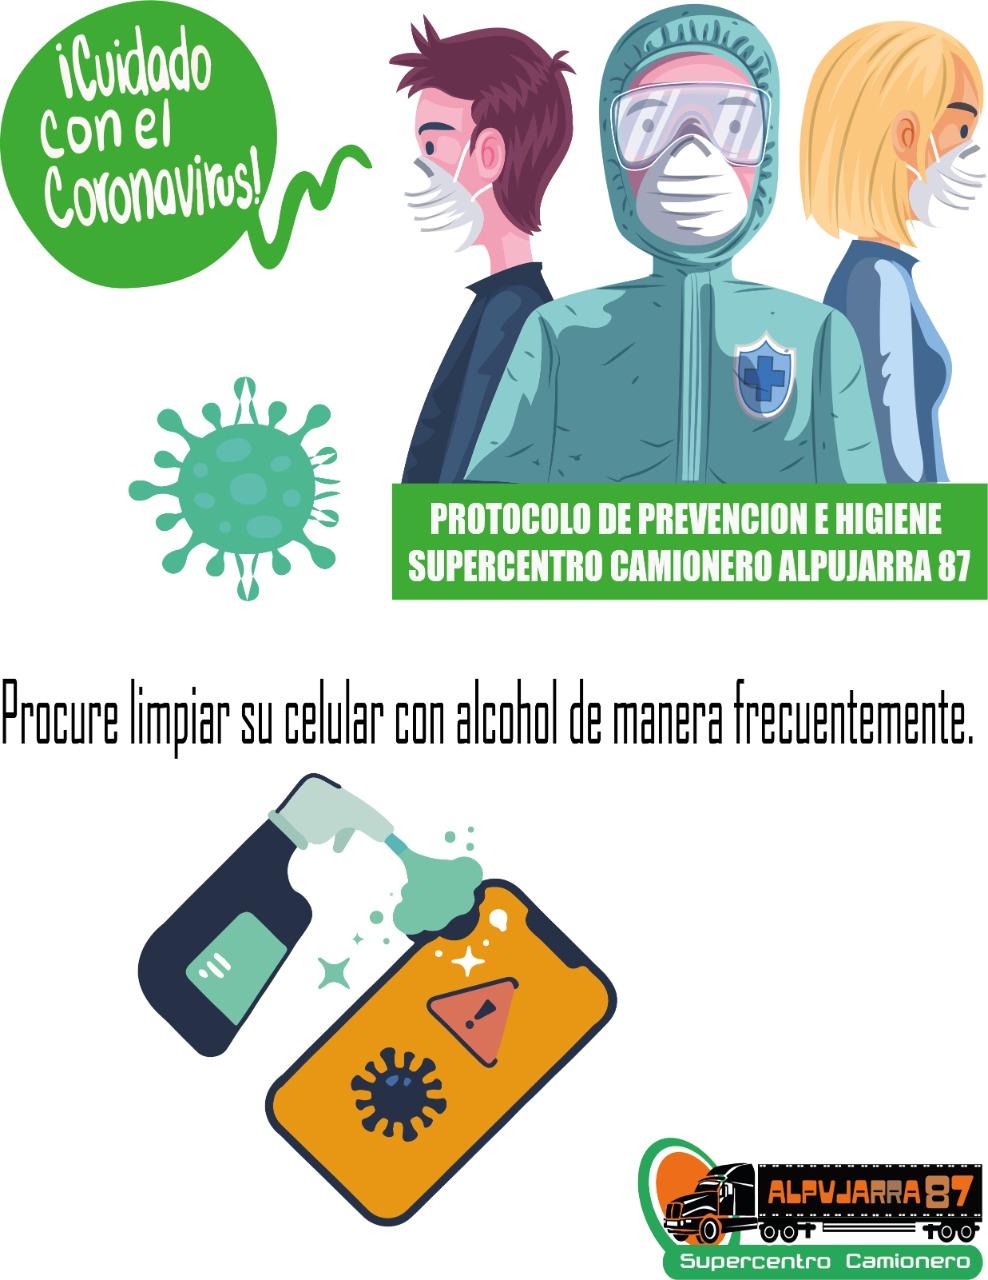 Consejo contra Prevencion covid 19